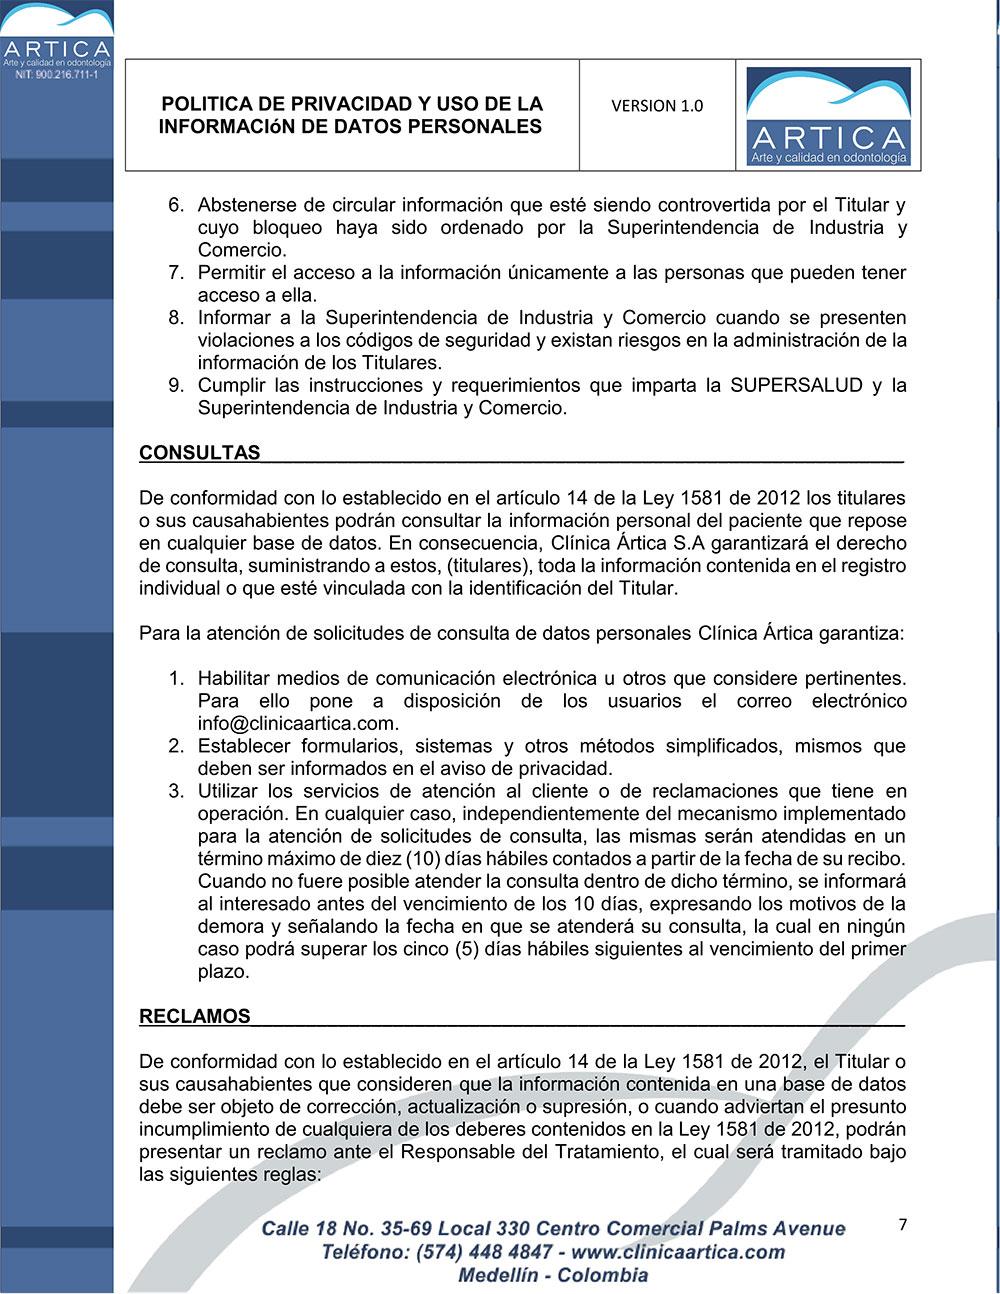 politica-de-privacidad-y-uso-de-datos-personales-clinica-artica-7